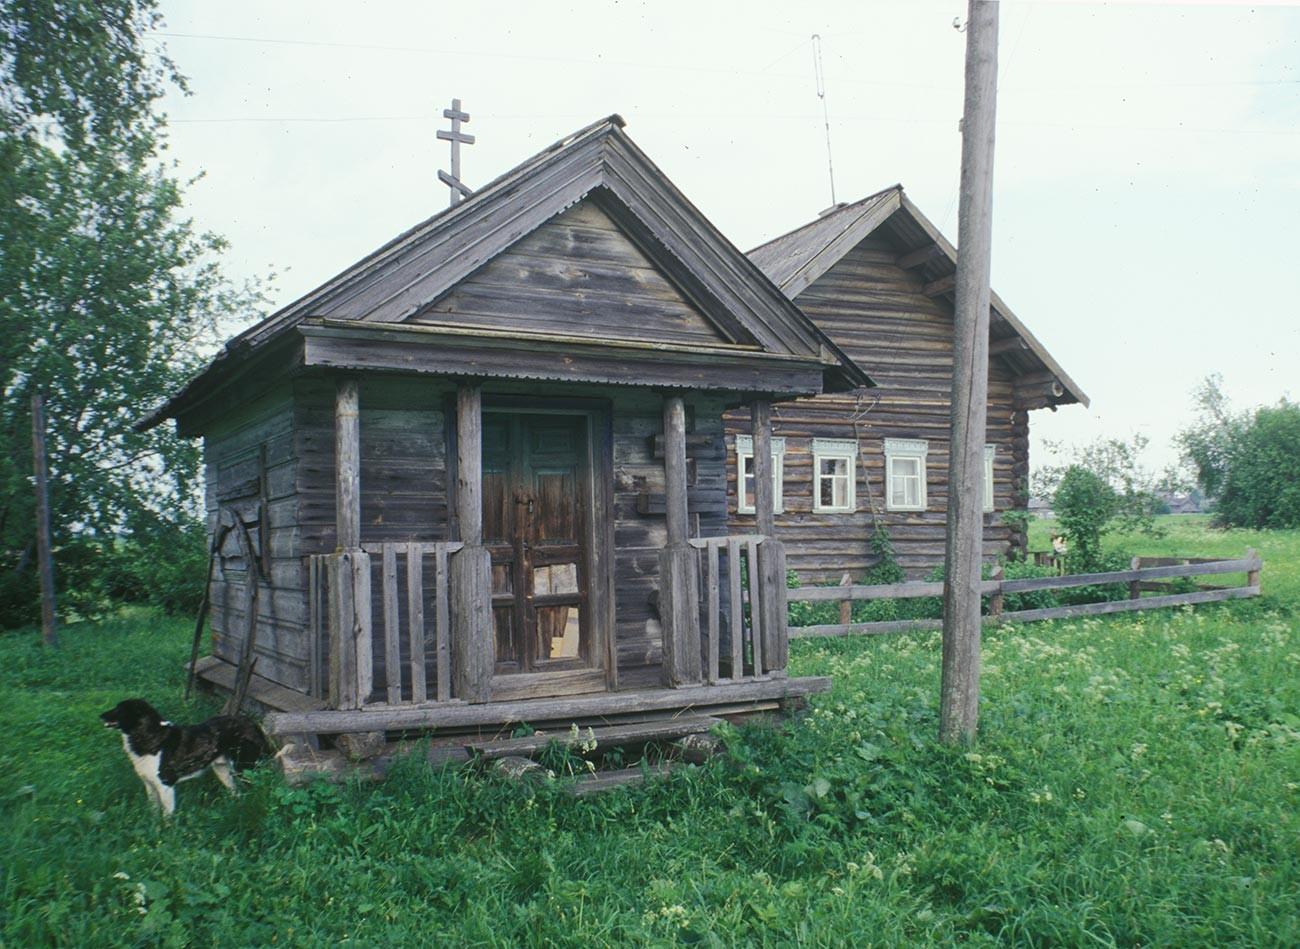 Fominskaïa. Chapelle de l'Icône miraculeuse du Sauveur. Photographie: William Brumfield. 16 juin 1998